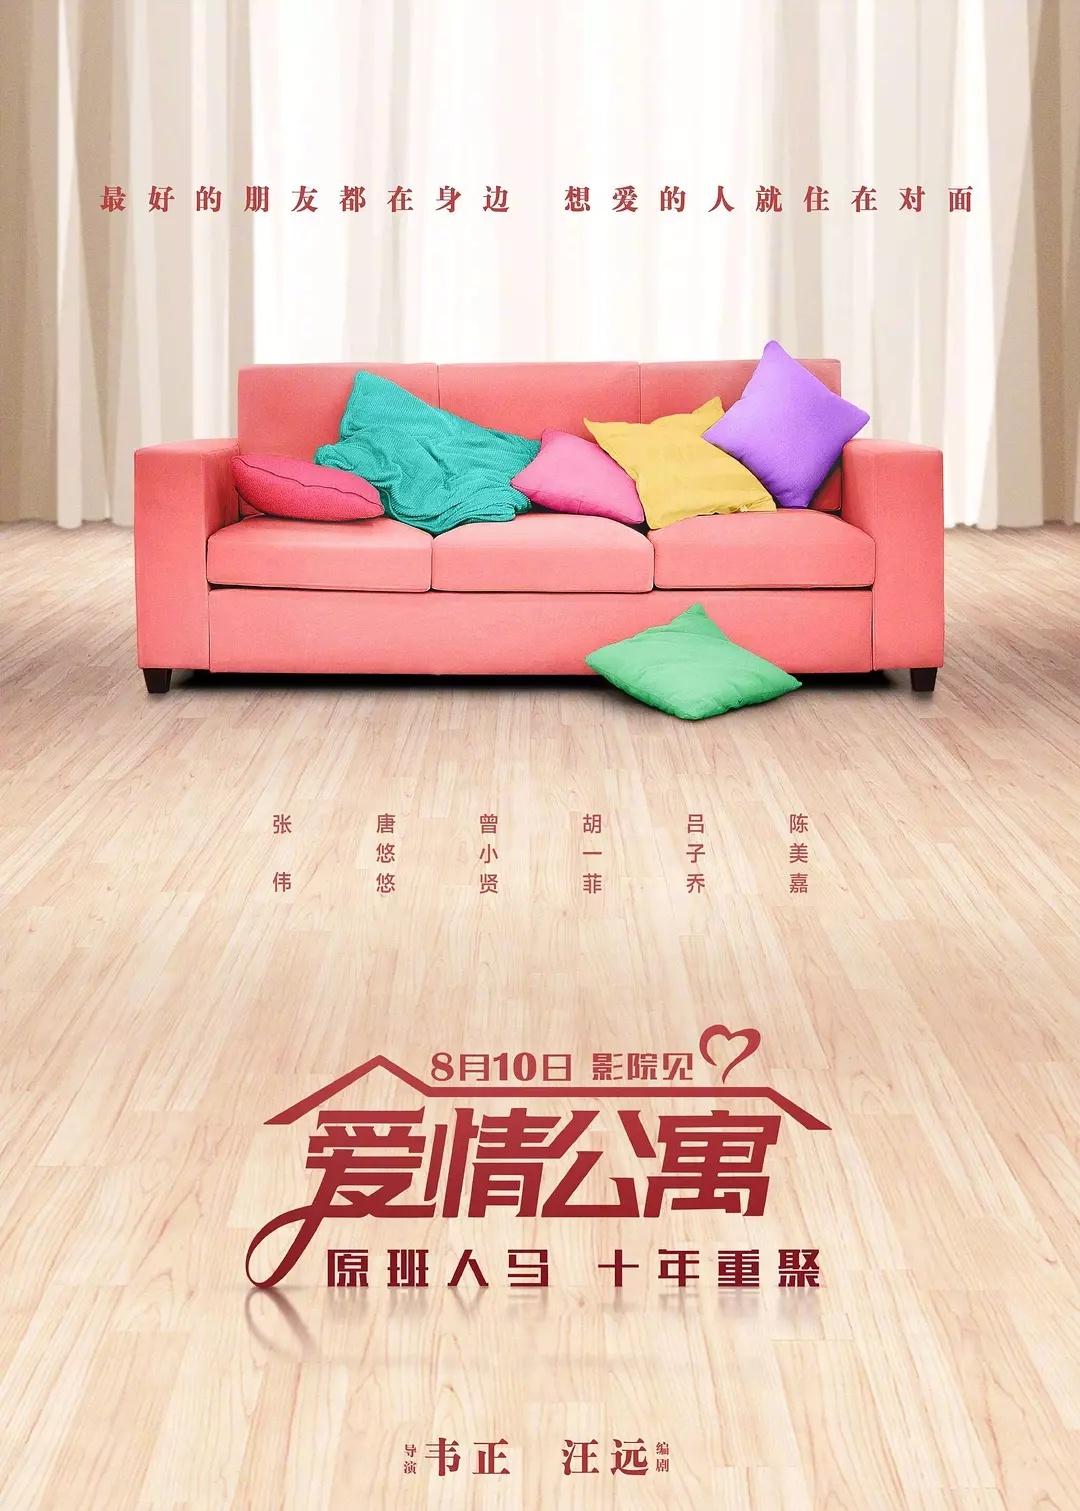 爱情公寓 [看来IMDB的分数更加不给面子啊]